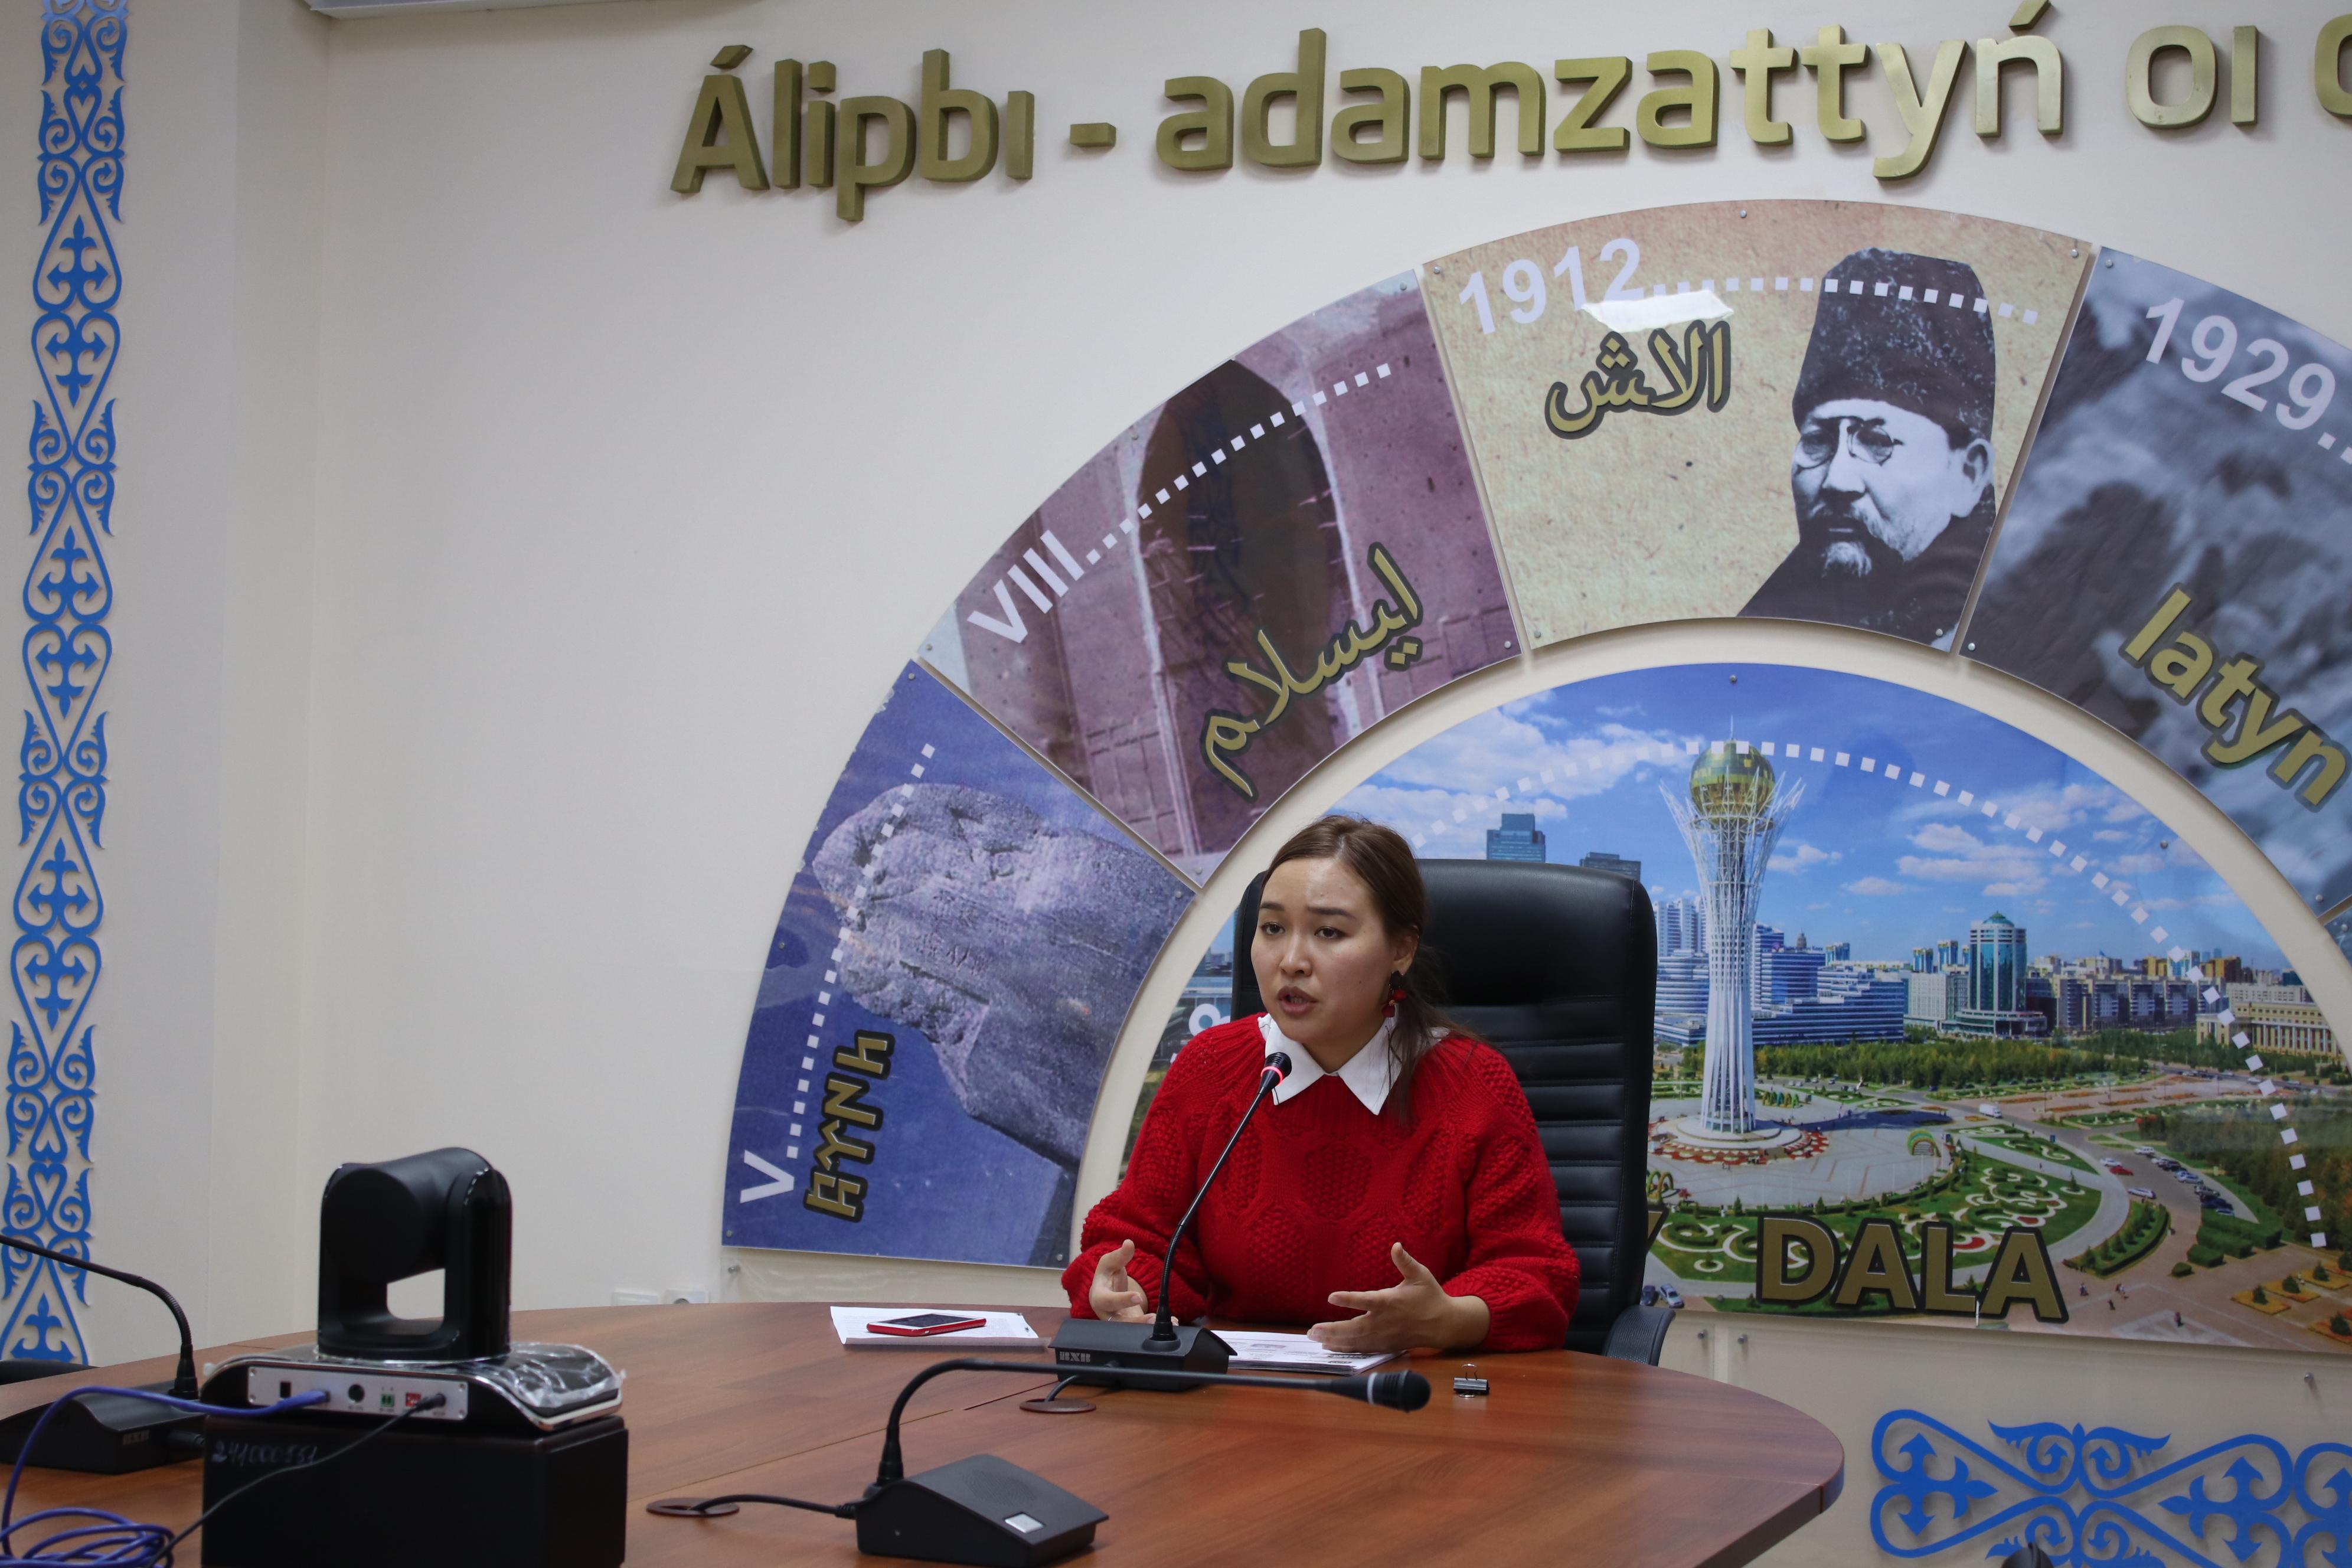 Қазақ тіліндегі үздік ІТ жобалар таныстырылды